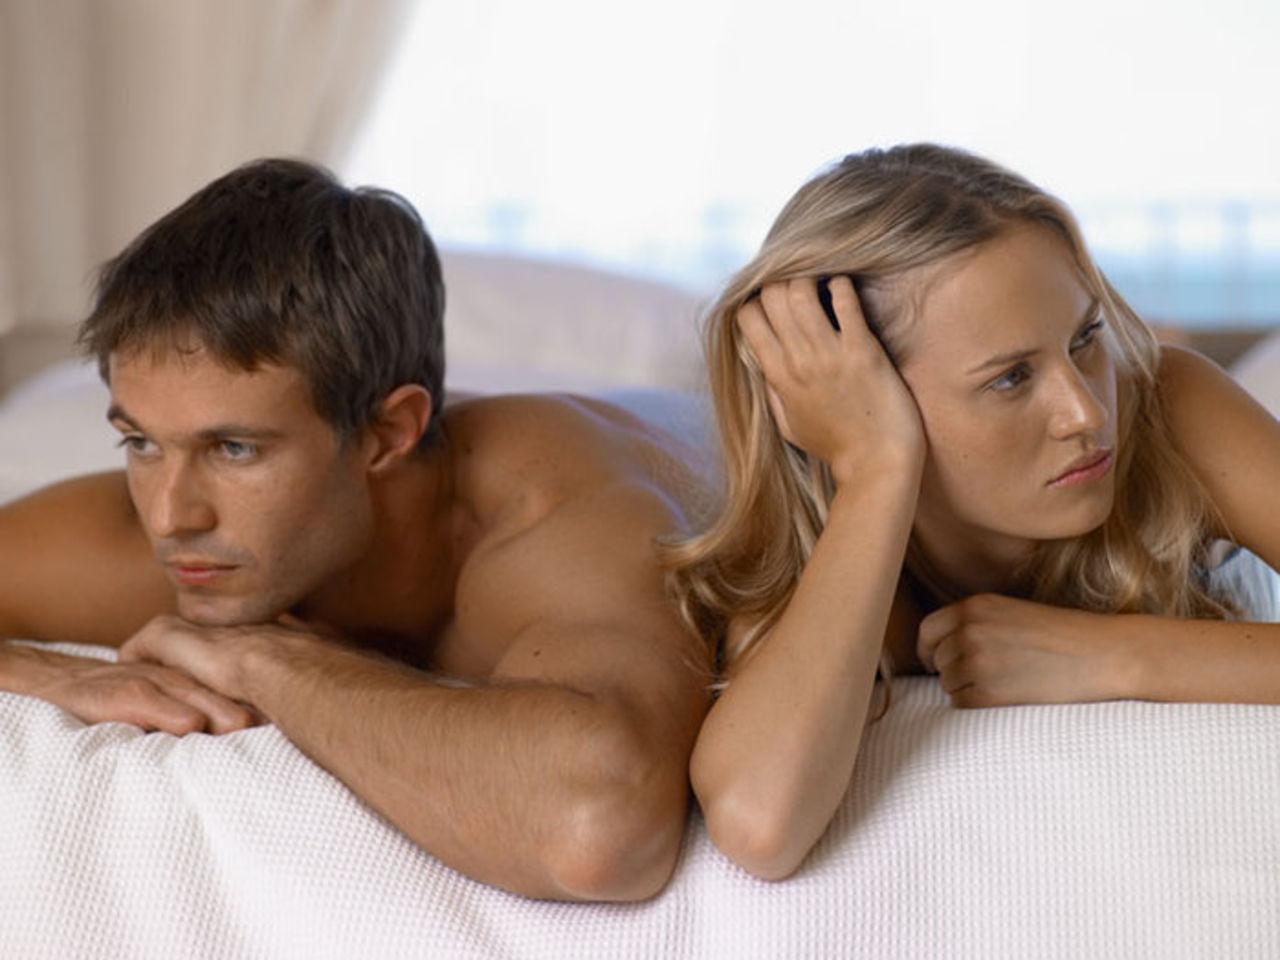 Смотреть онлайн игры в постели мужа с женой 20 фотография